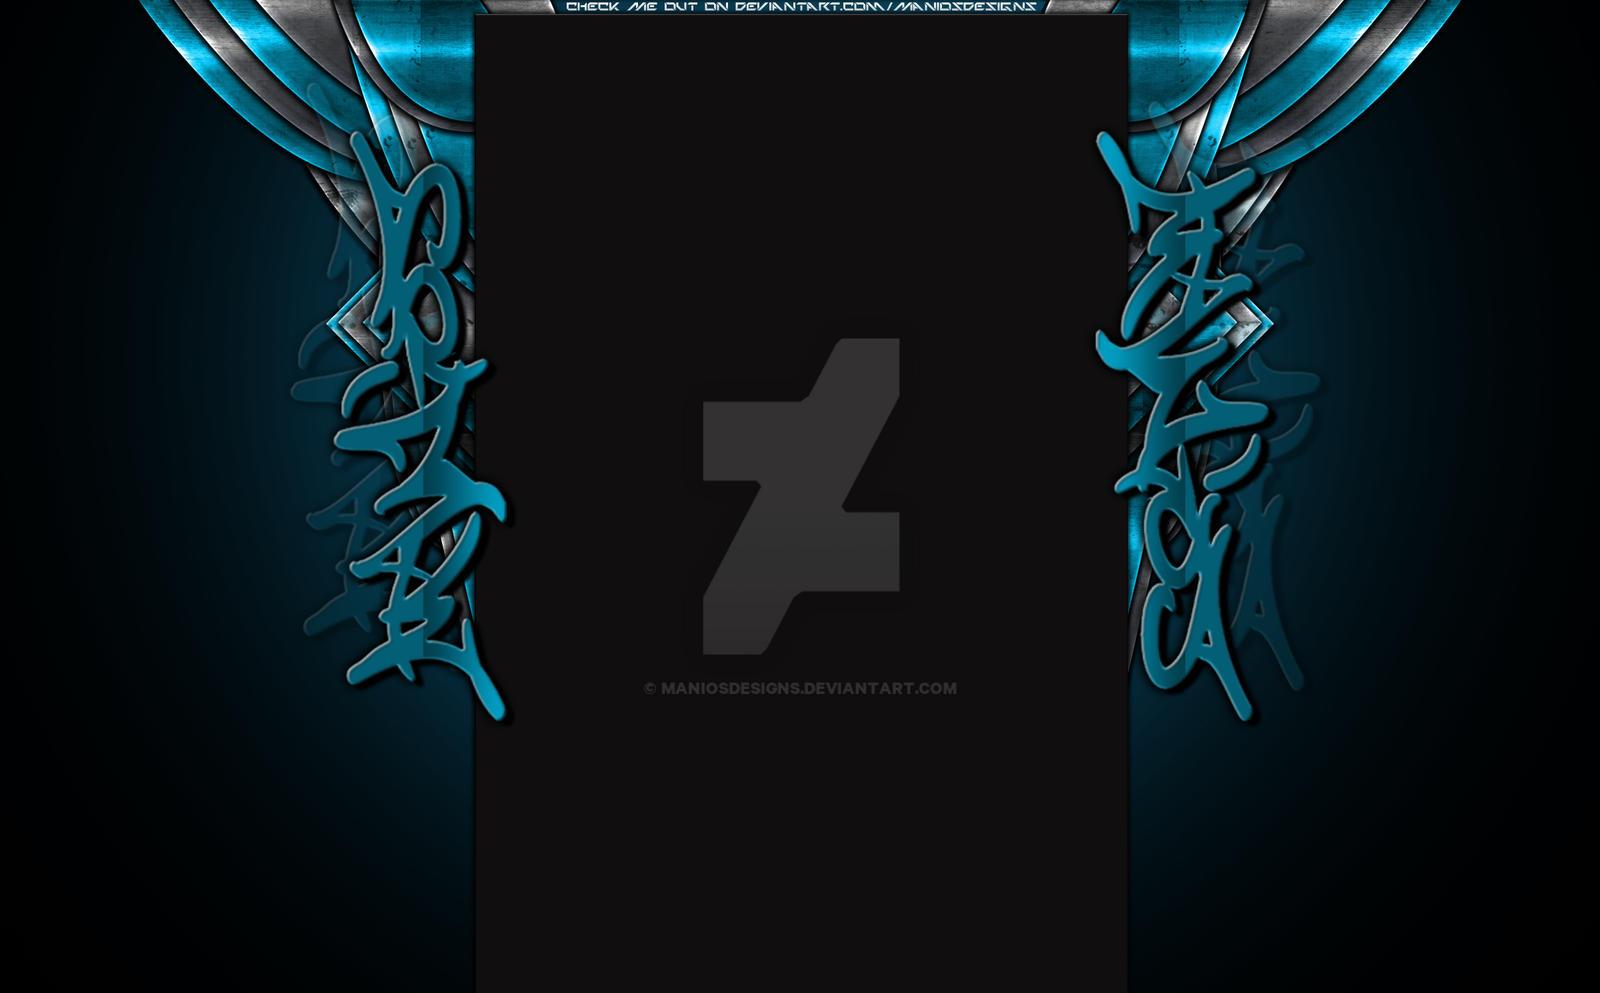 Background image example - Youtube Background Example By Maniosdesigns Youtube Background Example By Maniosdesigns